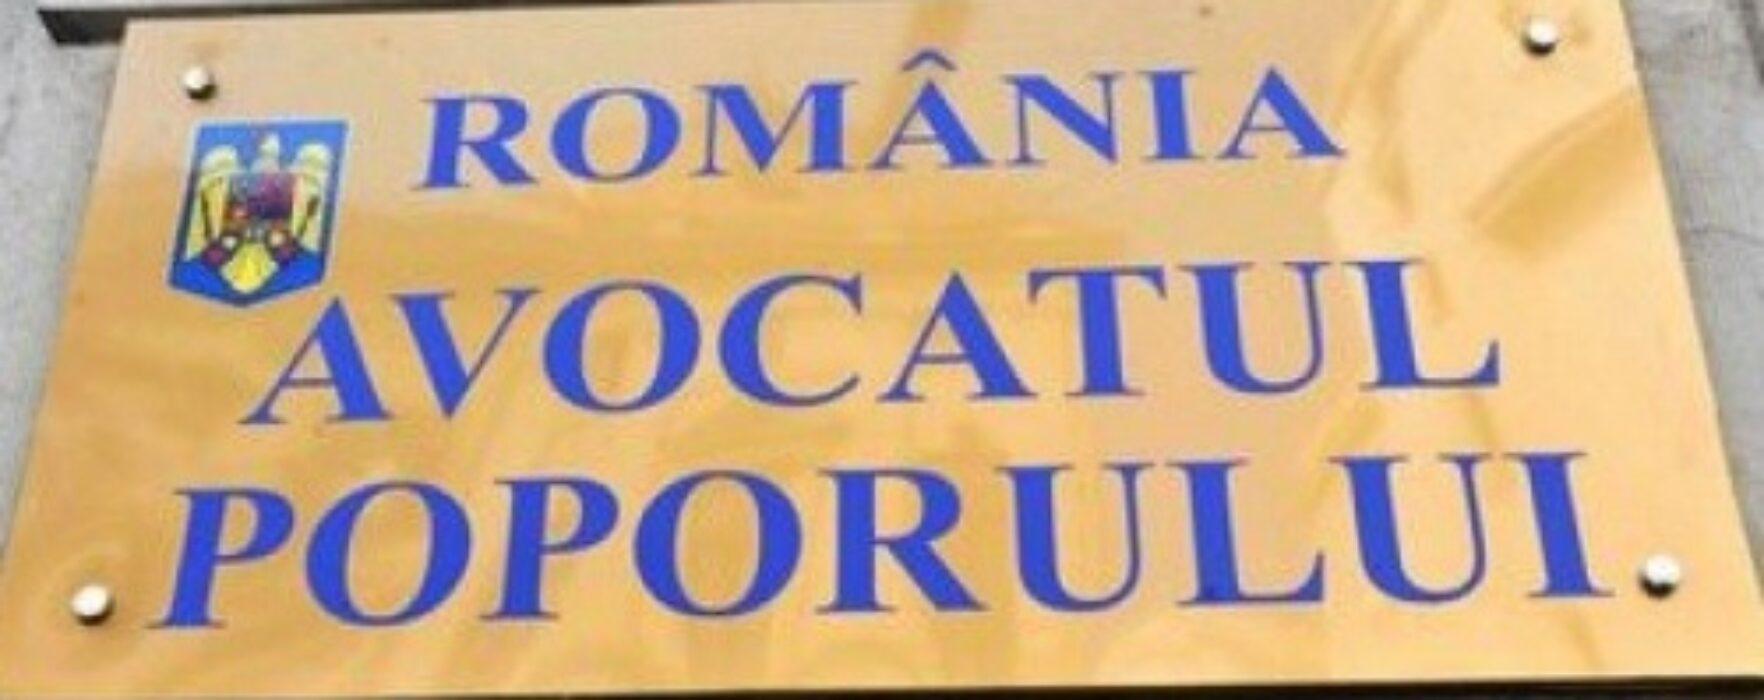 Dâmboviţa: Avocatul Poporului acordă audienţe pe 10 noiembrie